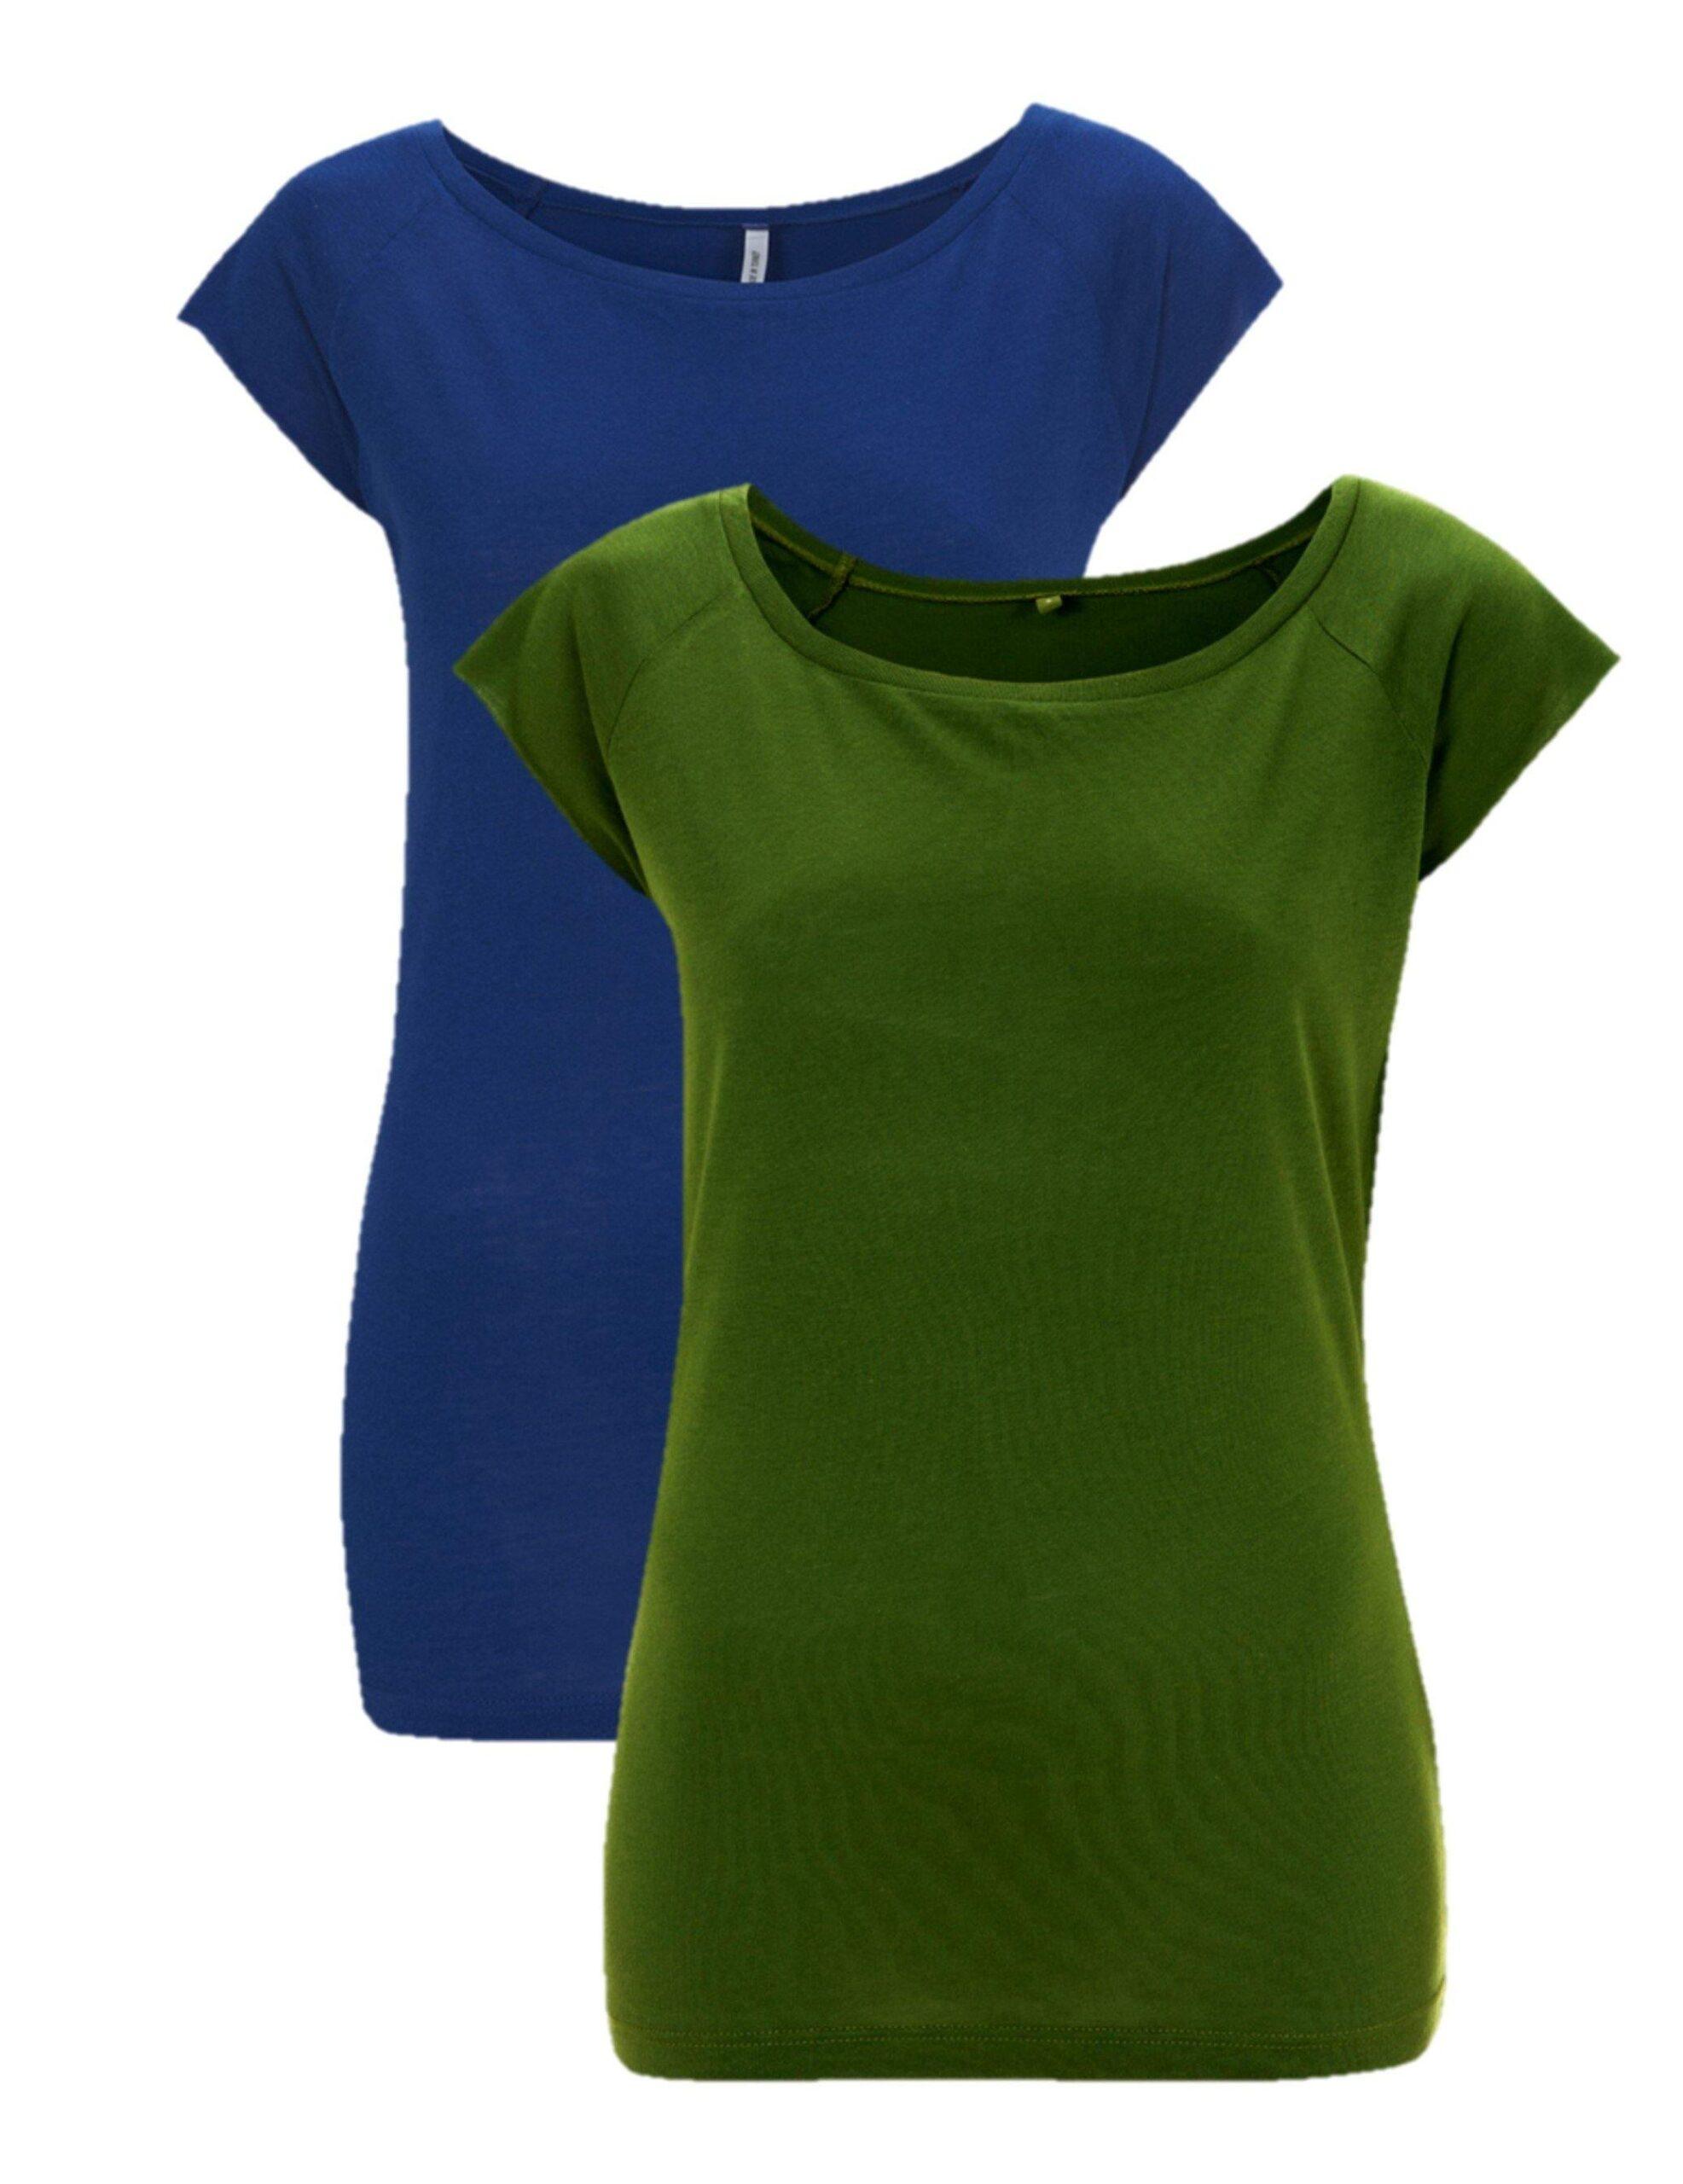 Bamboe t-shirt dames 2-pack mix groen/blauw